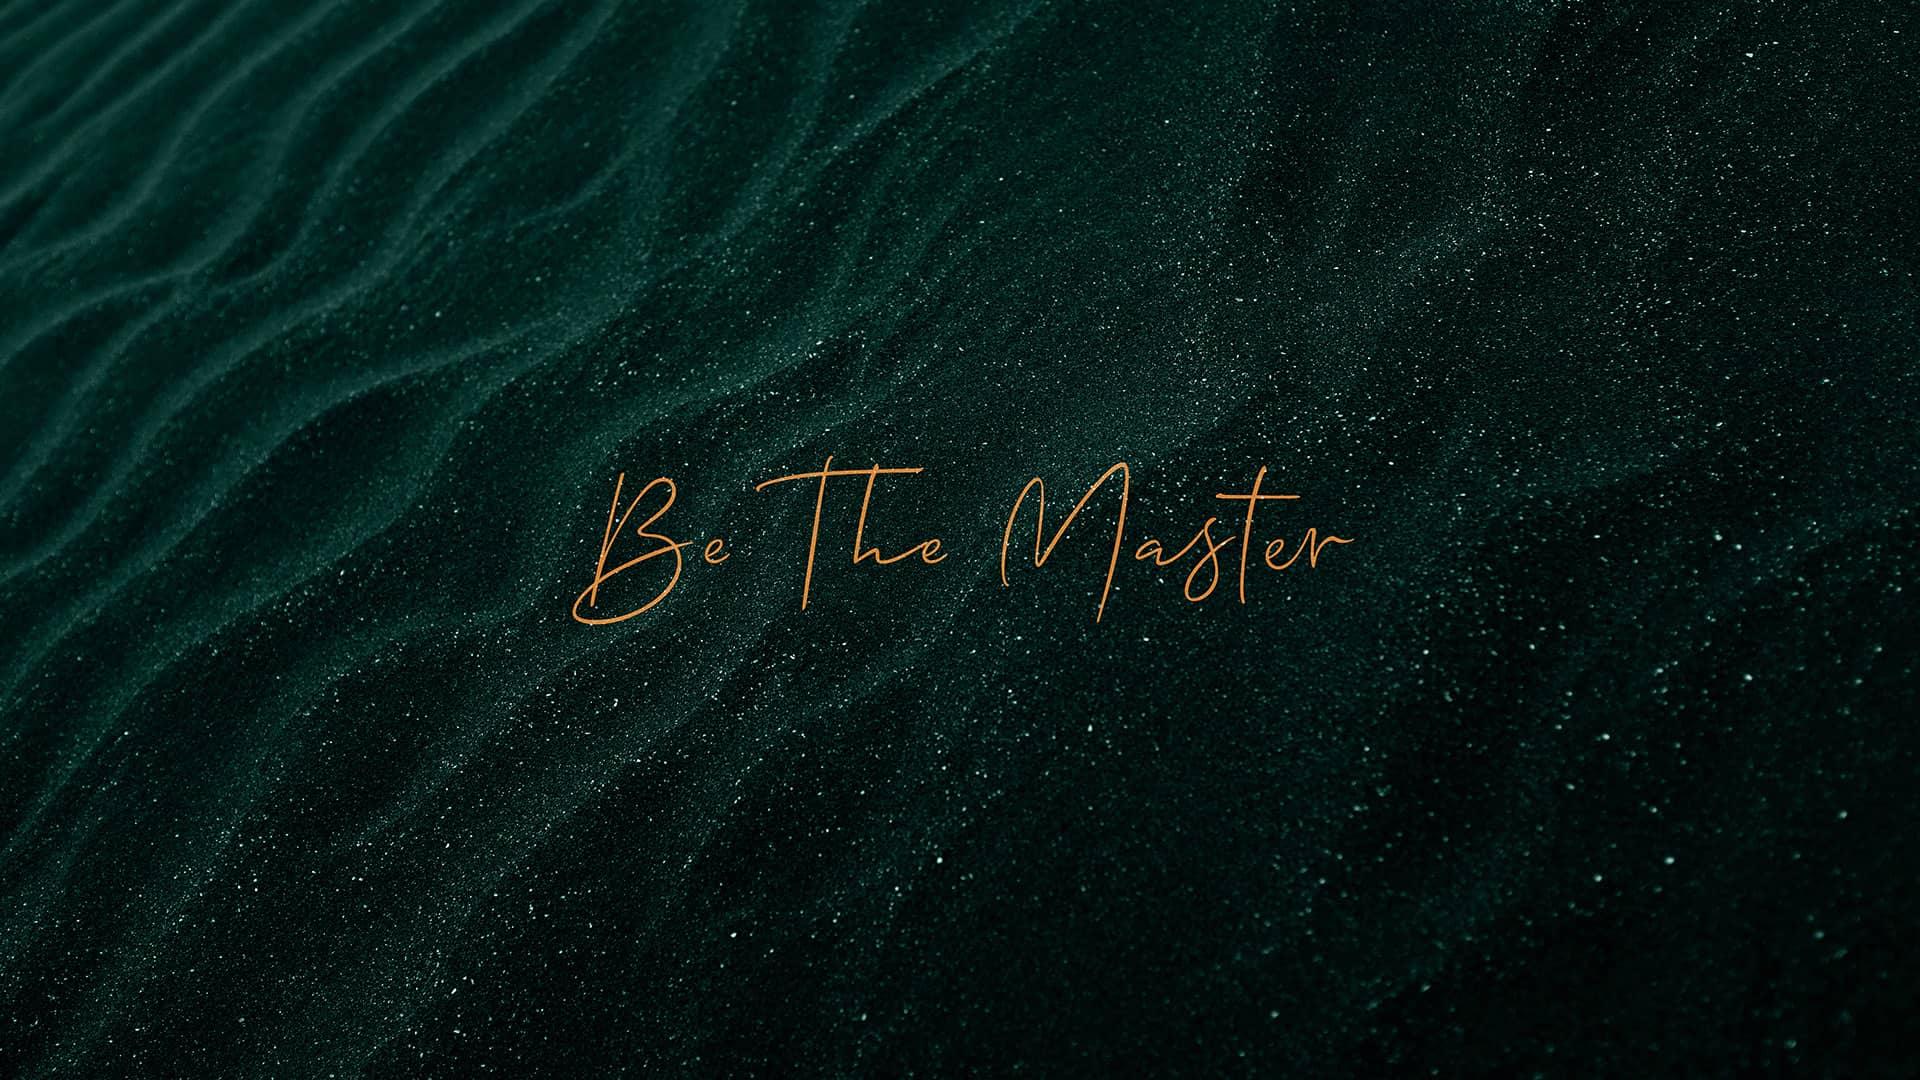 The-mastar-Main 1Banner_Eng (1)